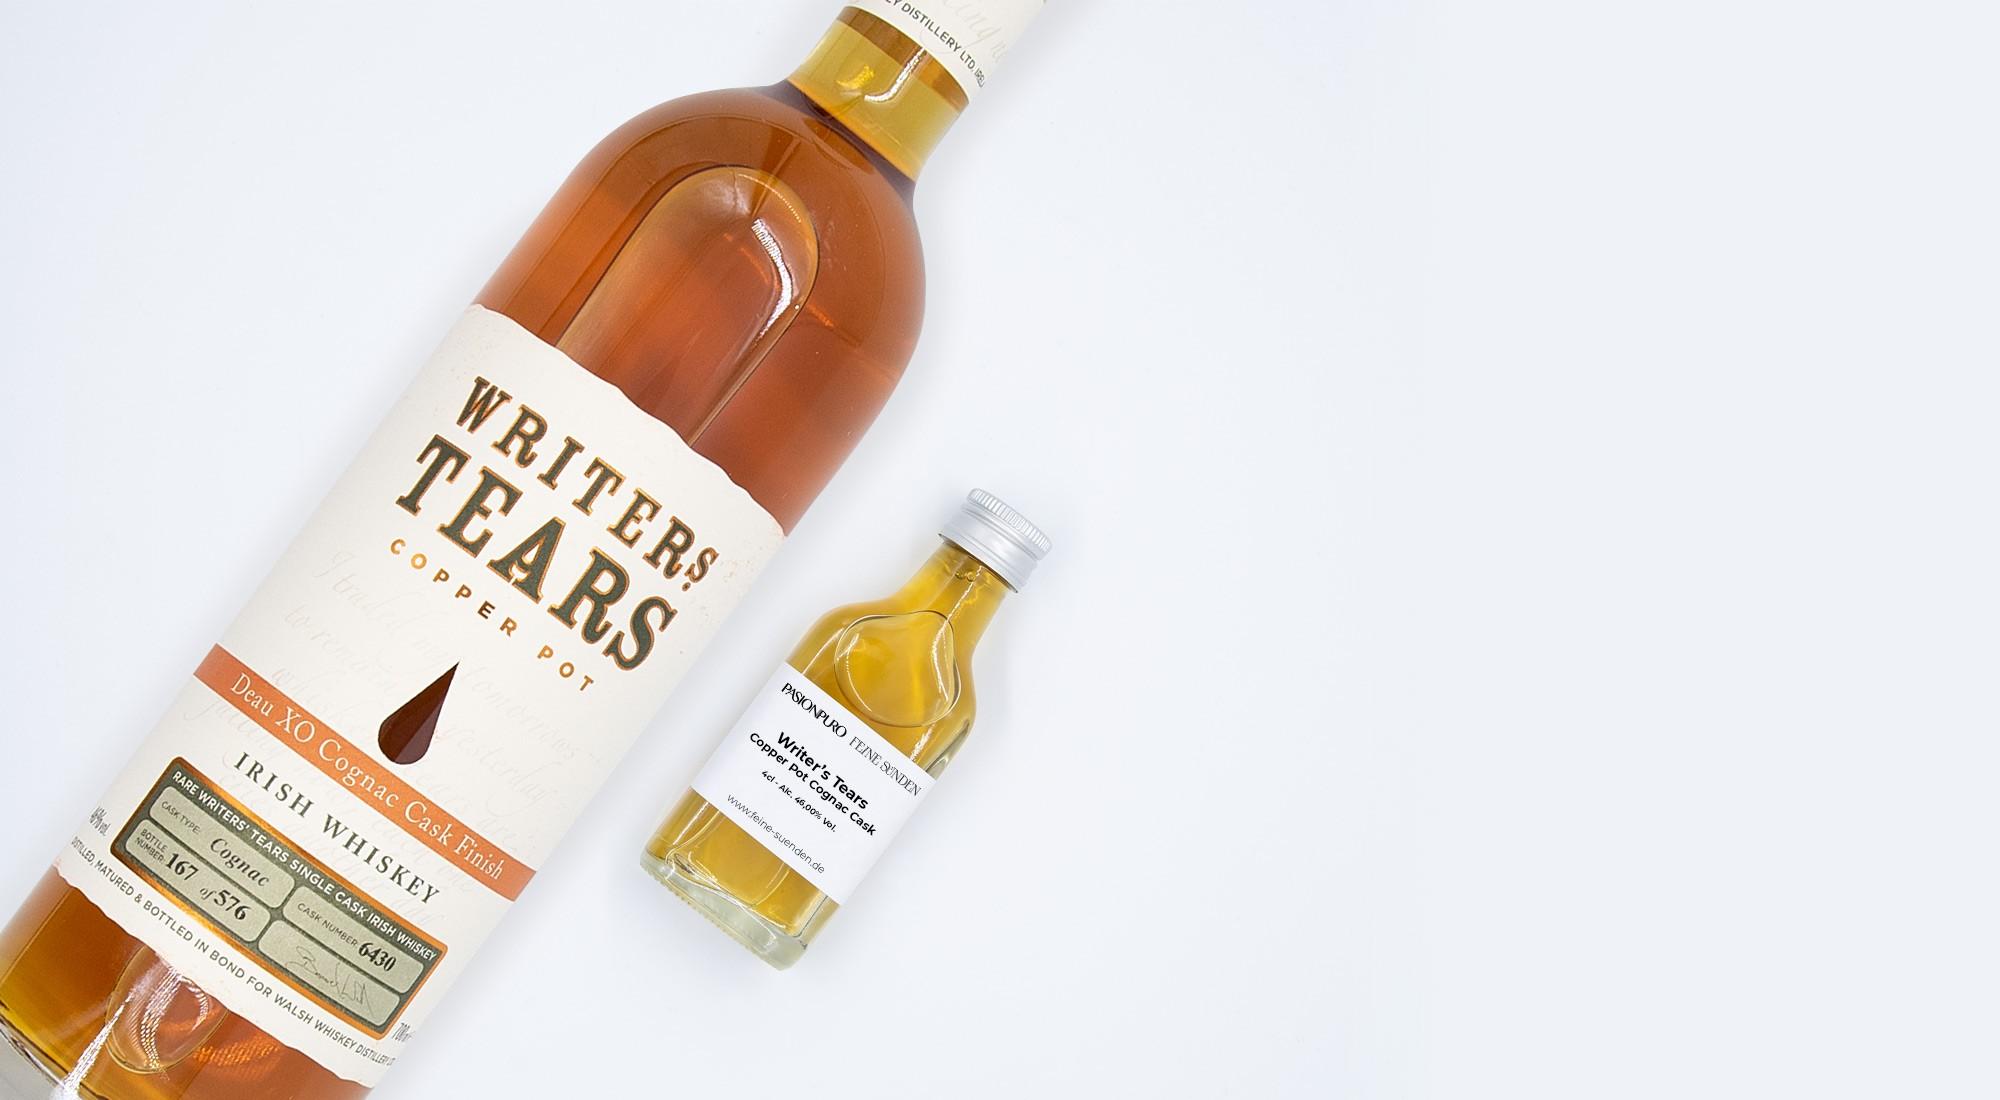 Writer's Tears Copper Pot Cognac Cask – 0,04l